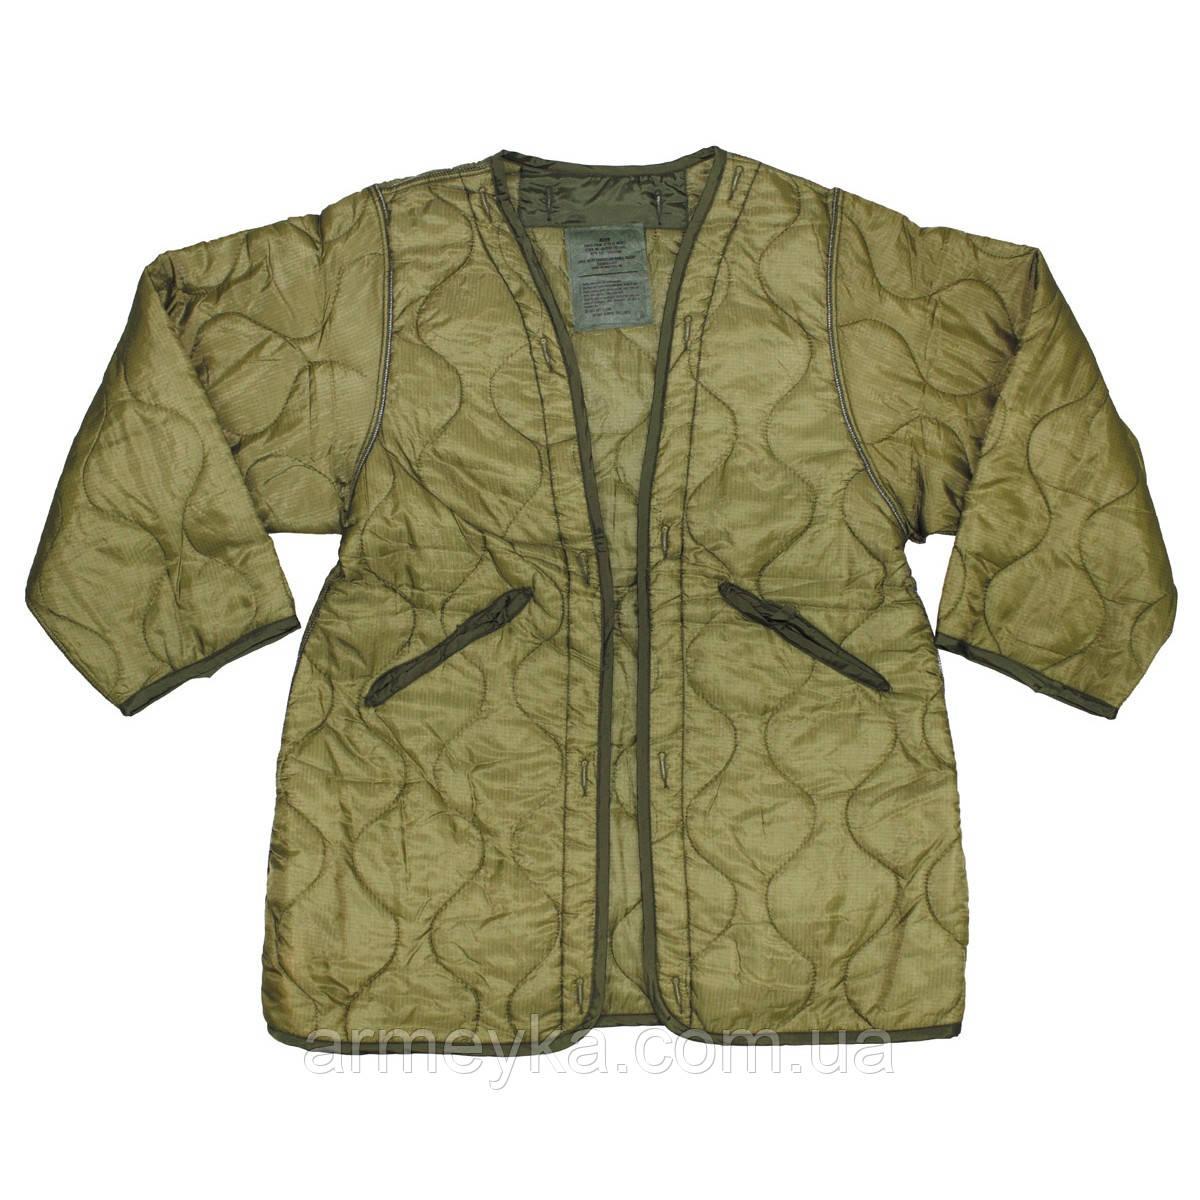 Утеплитель для куртки liner extreme cold weather. НОВЫЙ. USA, оригинал